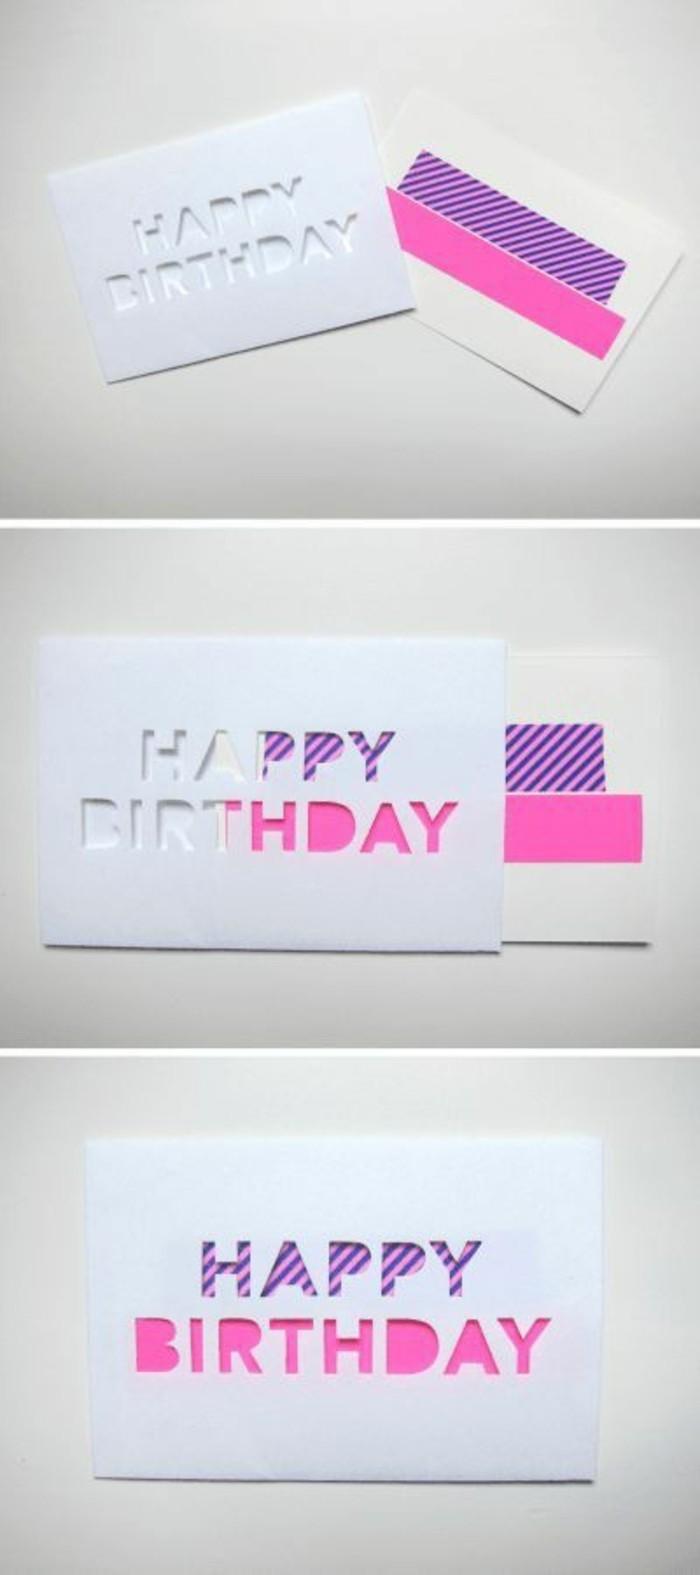 une-idee-de-carte-d-anniversaire-facile-a-realiser-avec-du-ruban-adhesif-decoratif